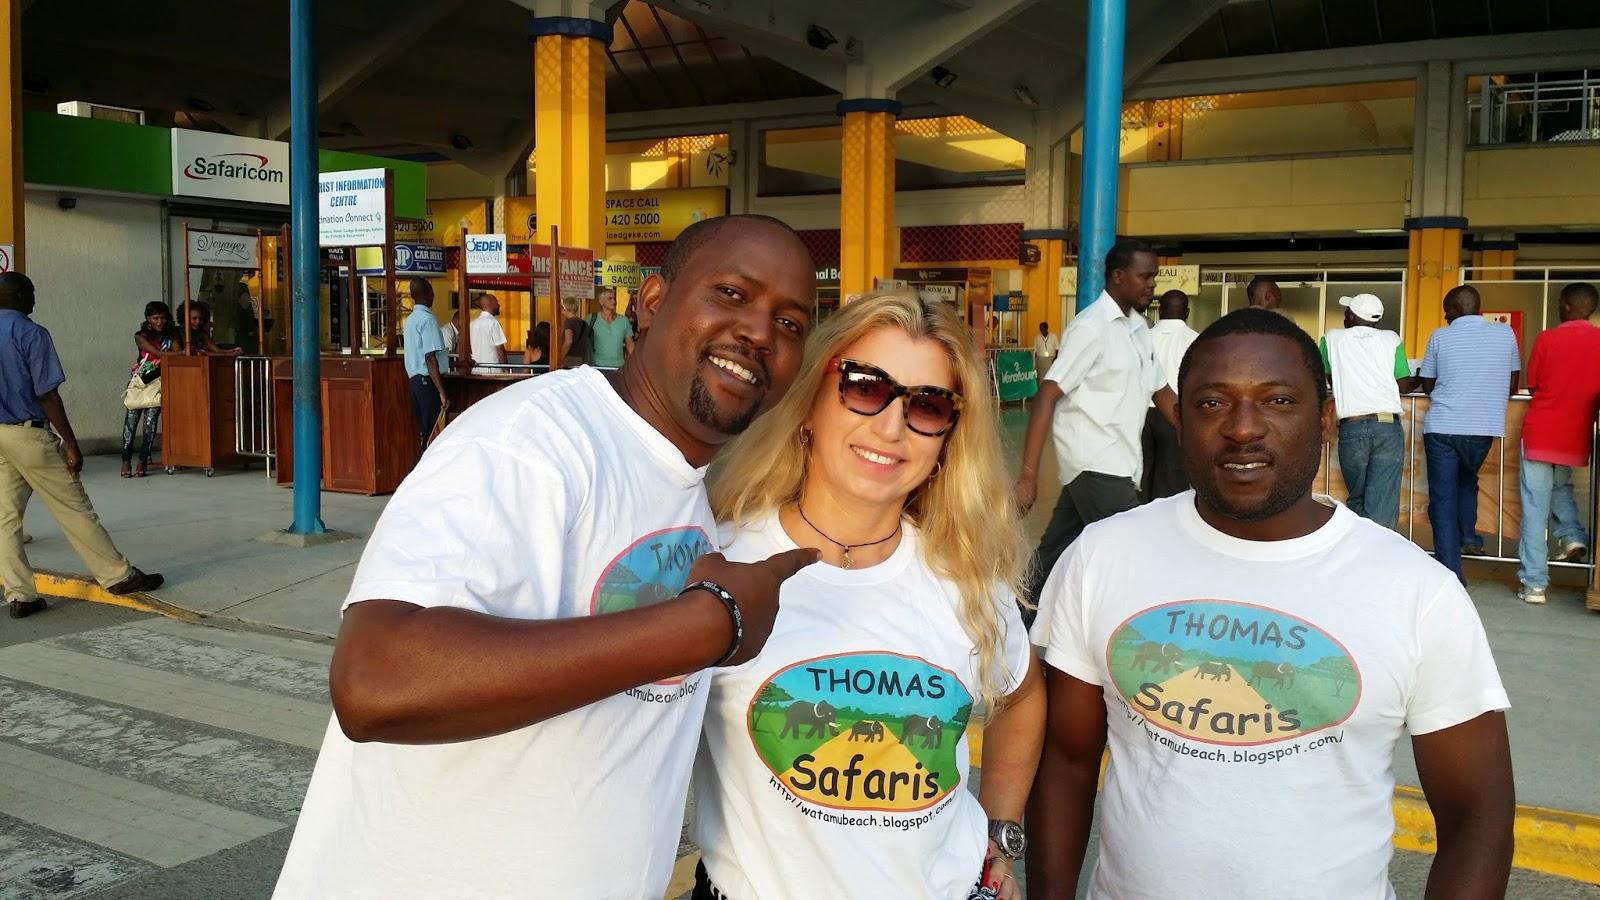 Aeroporto Kenya : Thomas tours & safaris with thomas mboya: il mio compleanno in kenya